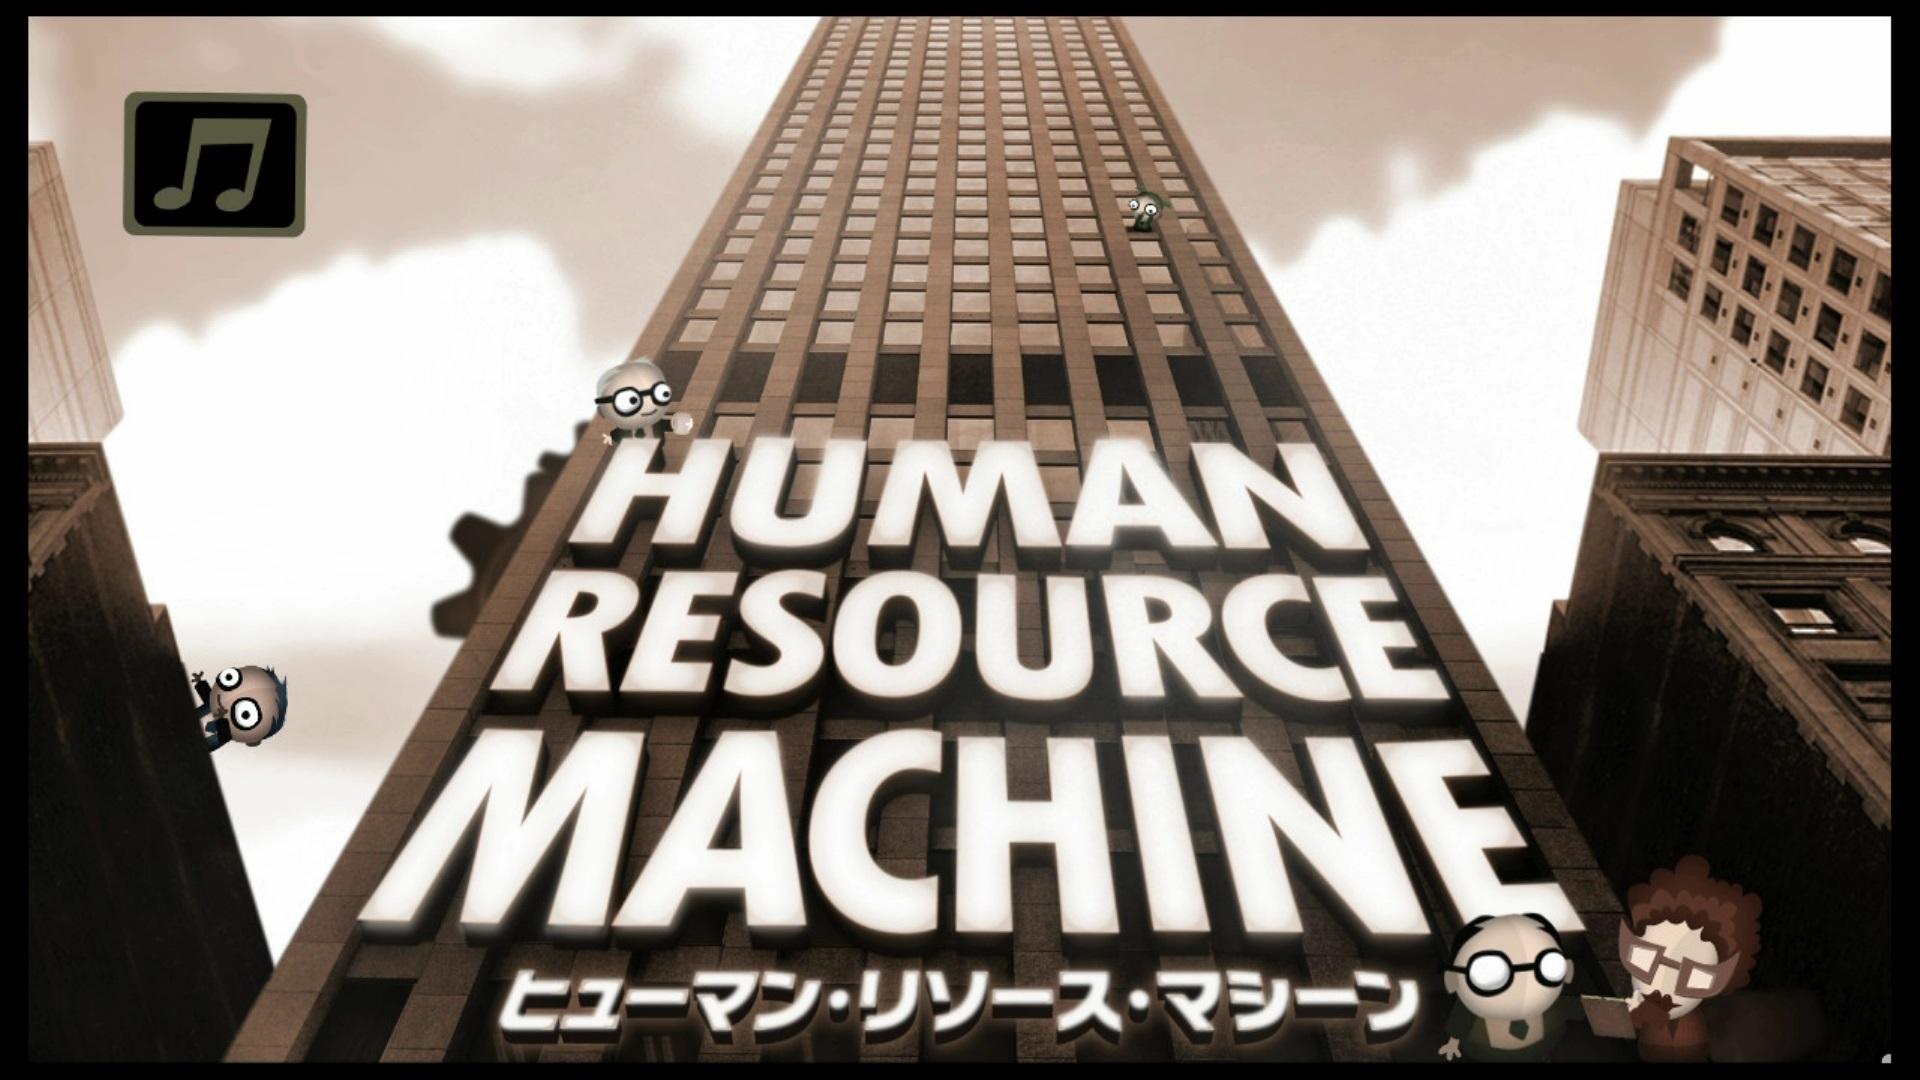 [ヒューマンリソースマシーン]IT企業内定者におすすめ!初心者でも簡単にプログラミングの基礎を学べるゲーム